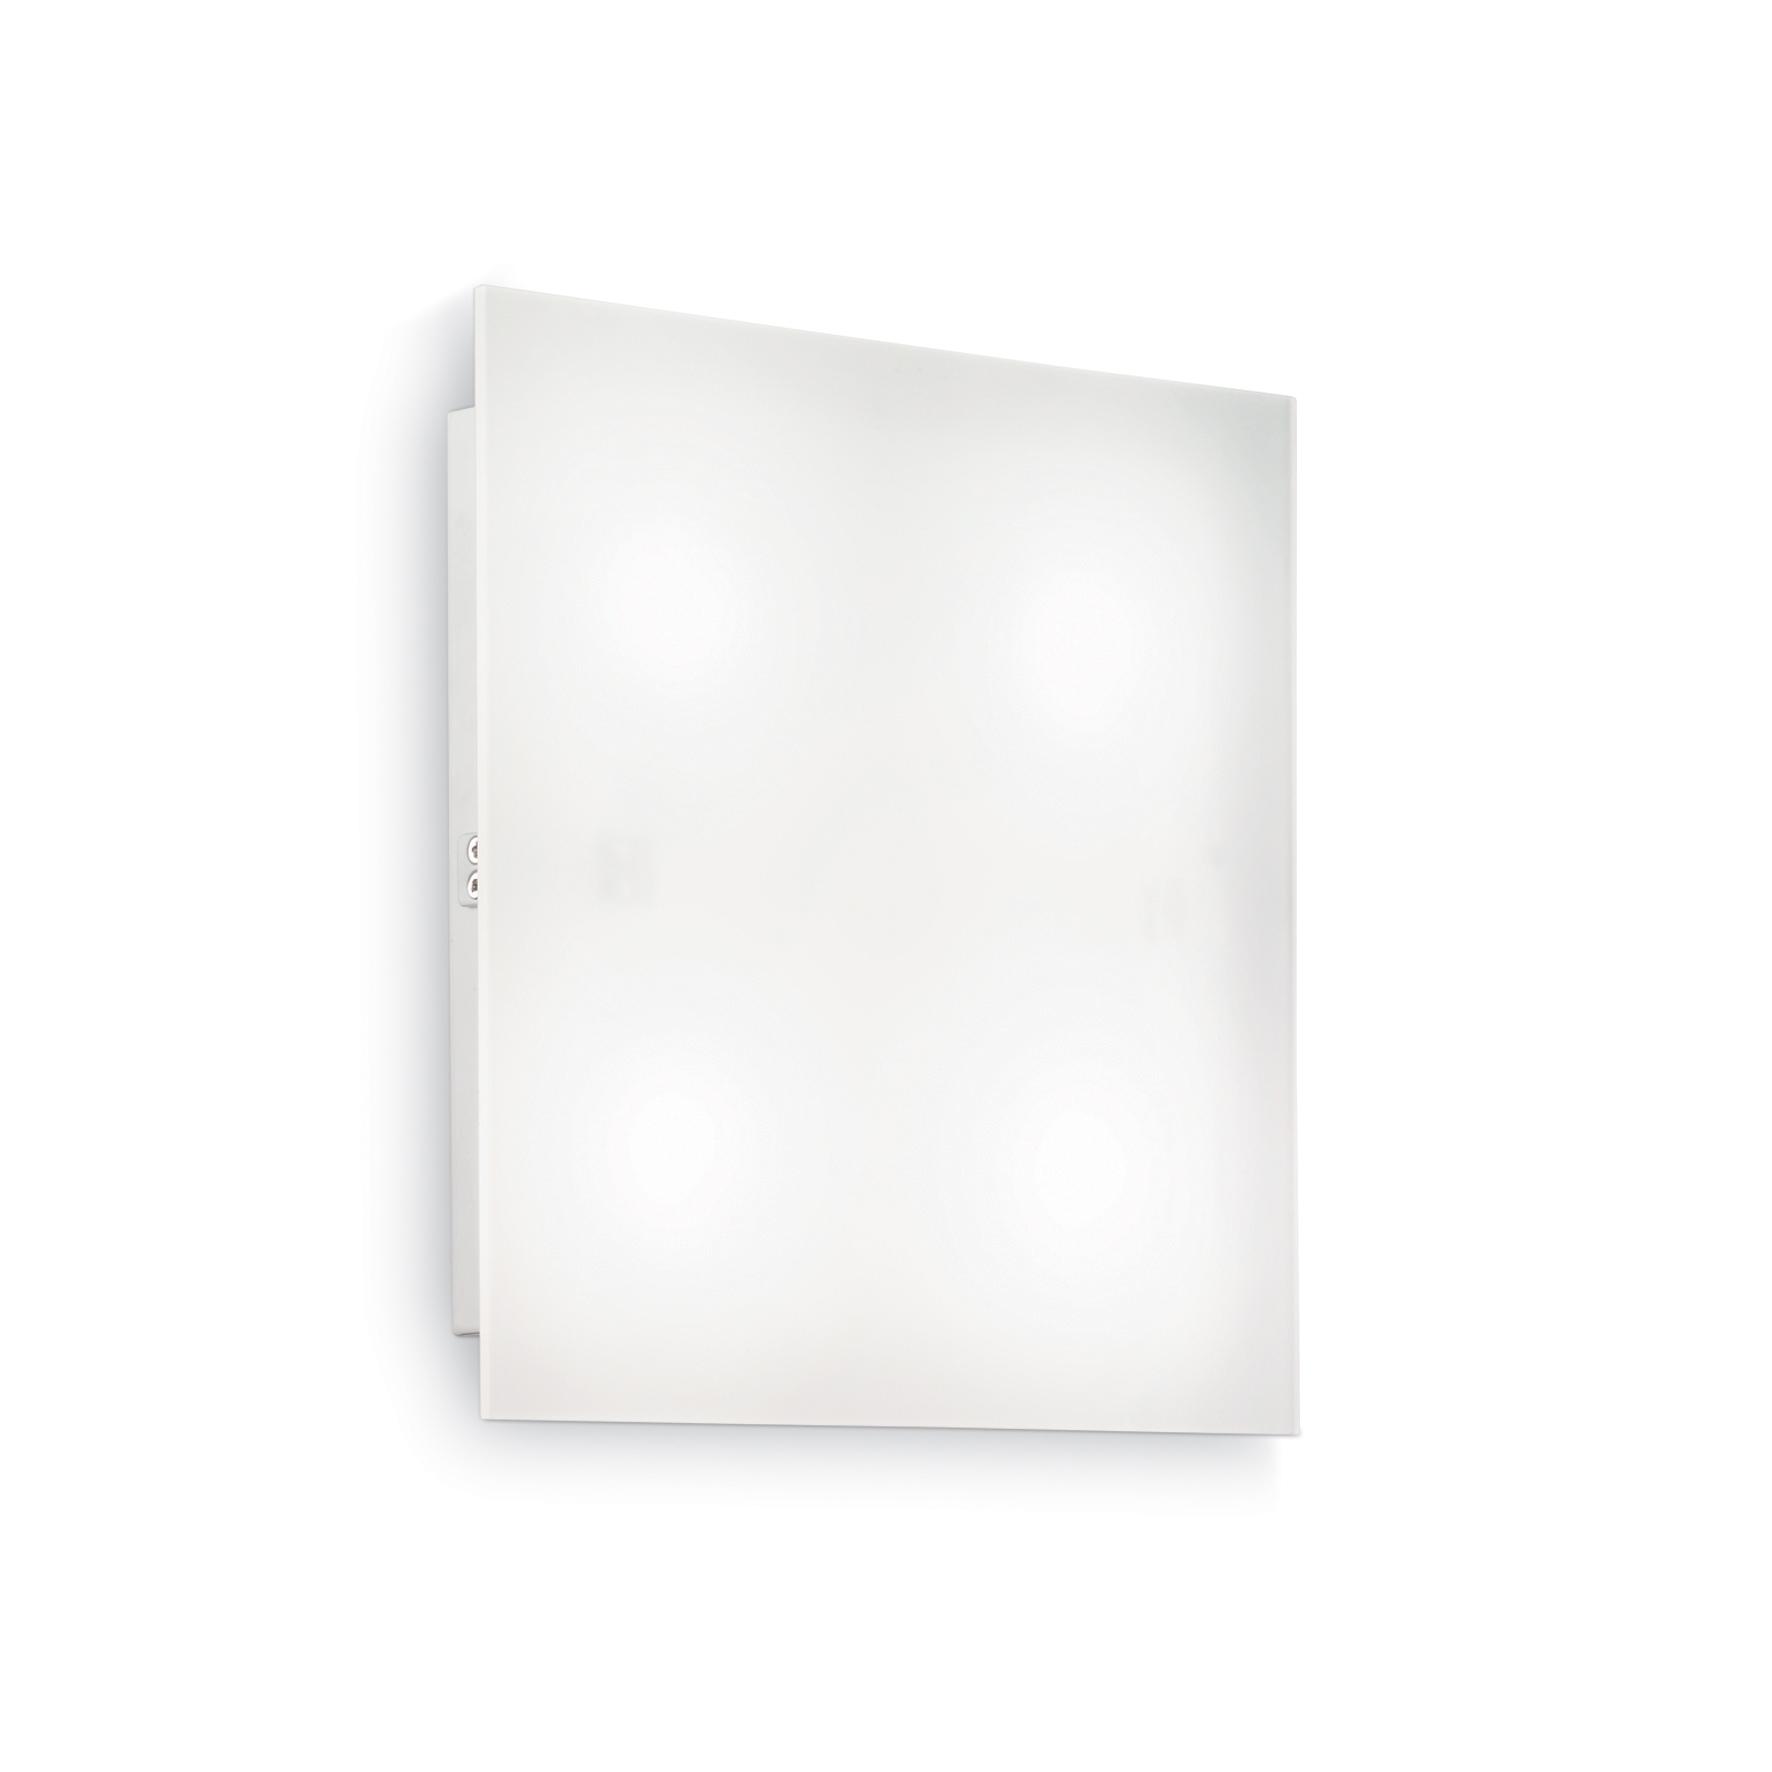 Plafoniera Flat PL4 D40 White